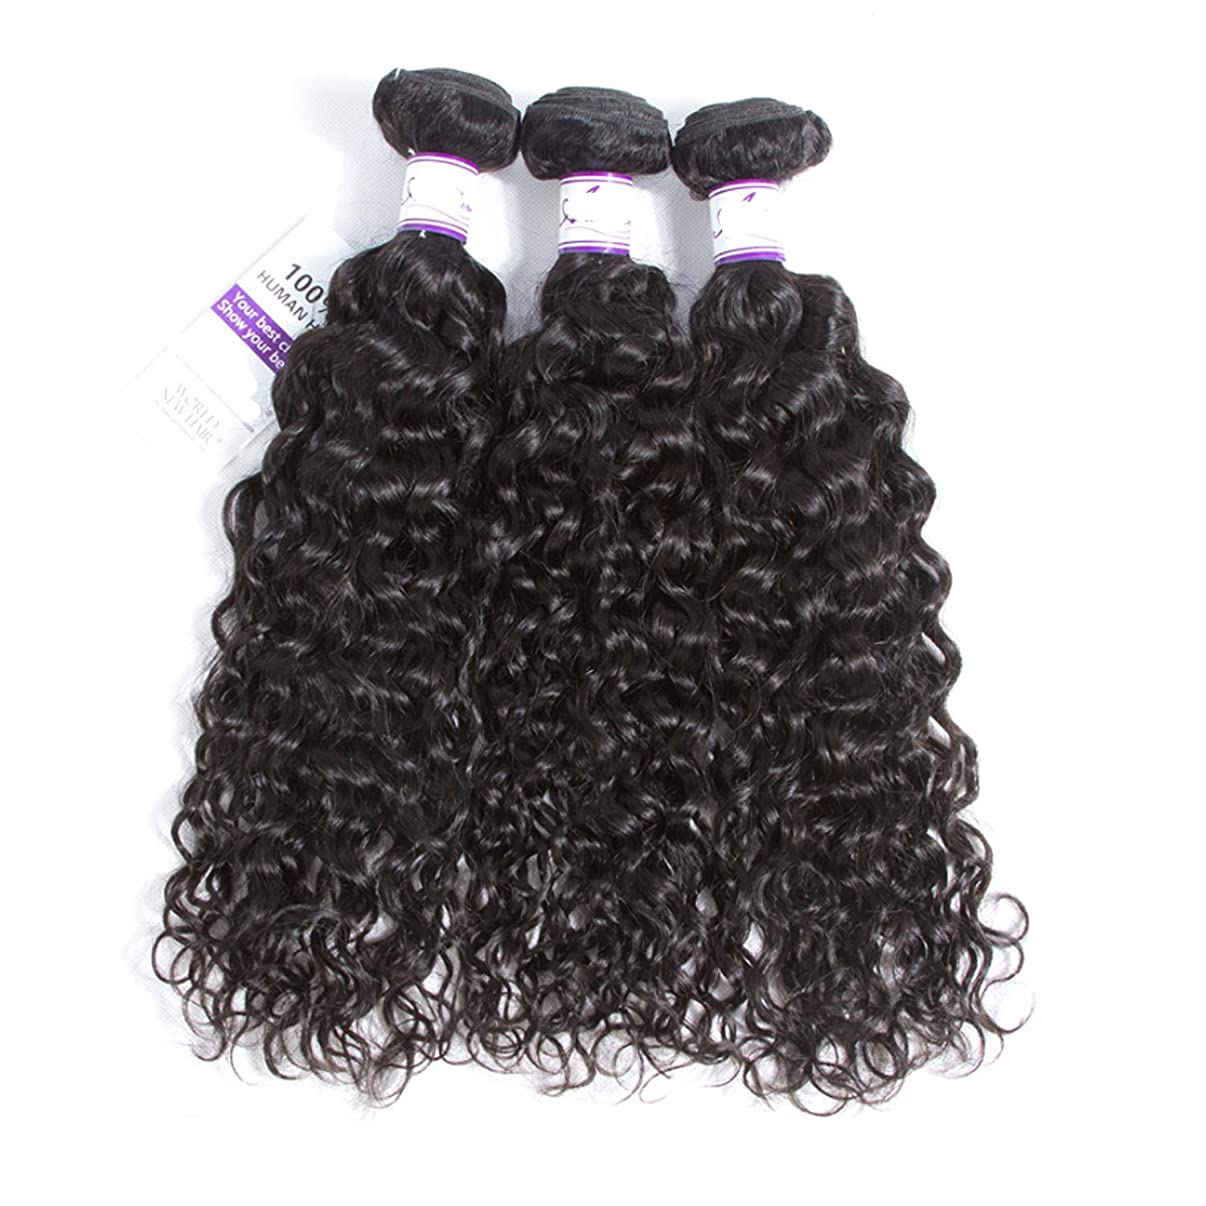 流体息切れ思慮のないマレーシア水波毛束8-28インチ100%人毛織りレミー髪ナチュラルカラー3ピース髪織り (Stretched Length : 20 20 20)